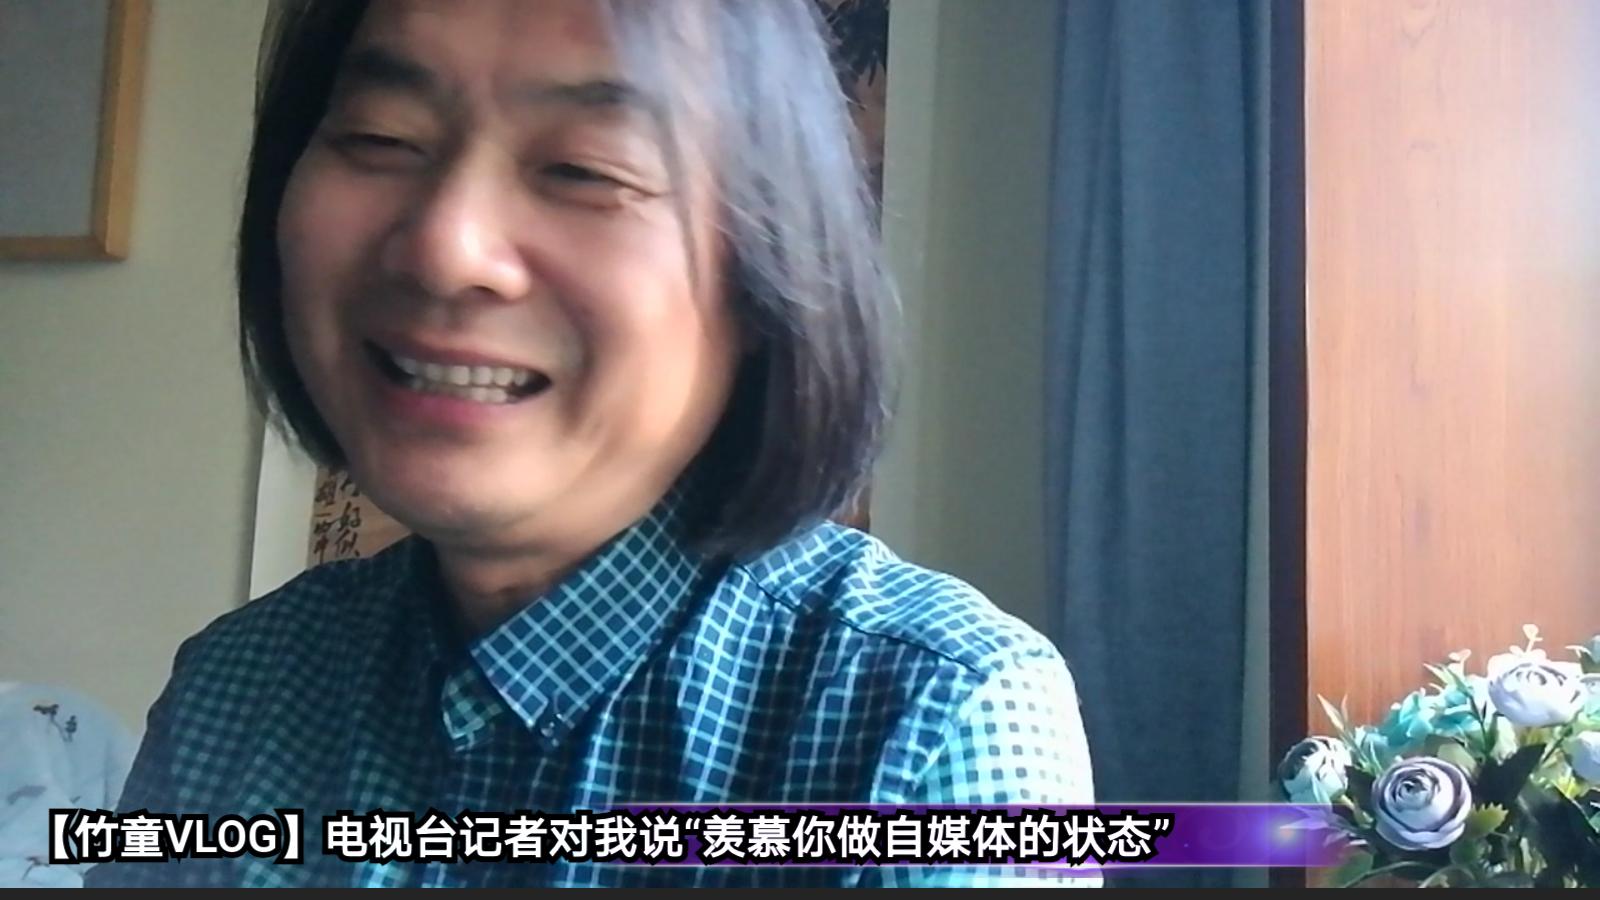 """【竹童VLOG】电视台记者对我说""""羡慕你做自媒体的状态"""""""